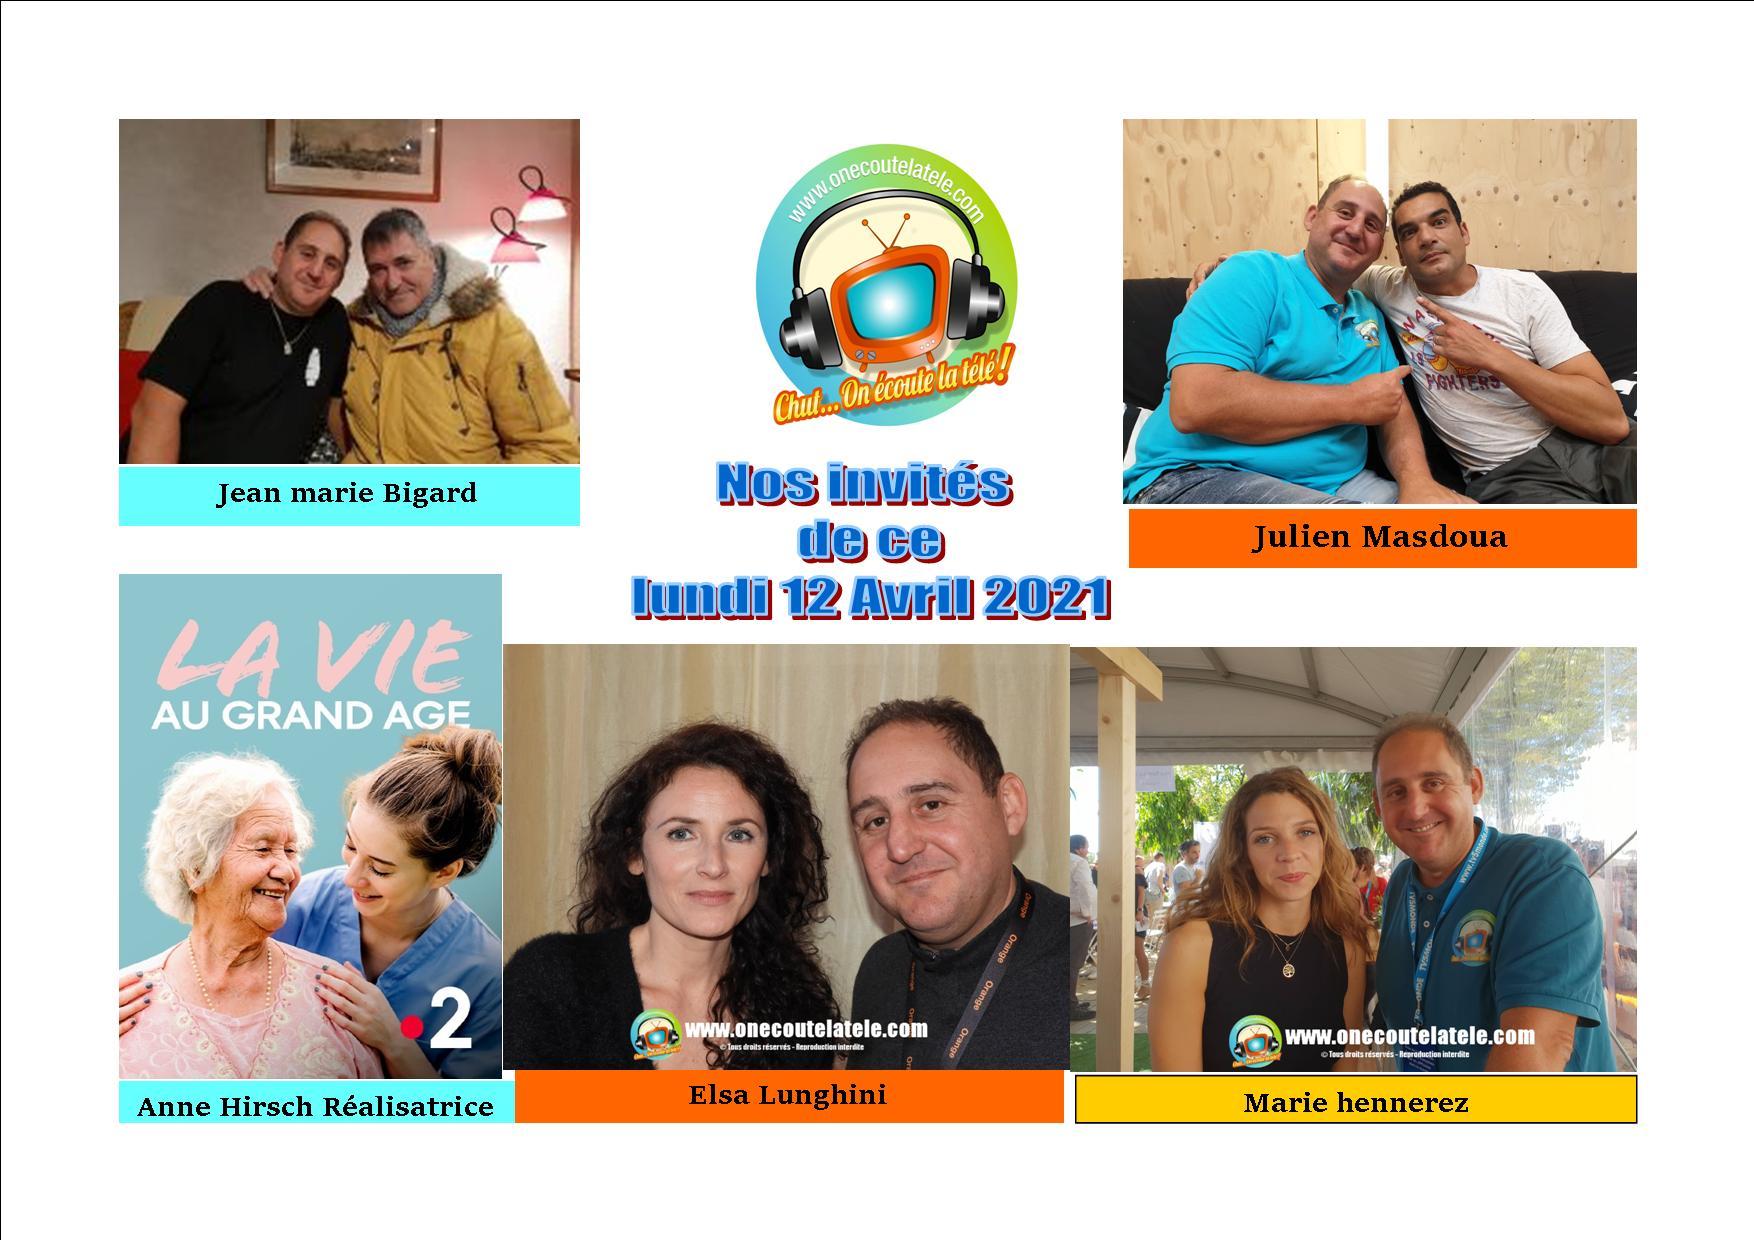 Voici nos émissions Chut on écoute la télé de ce lundi 12 Avril avec Marie Hennerez, Julien Masdoua, Jean marie Bigard, Elsa Lunghini et la réalisatrice Anne Hirsch